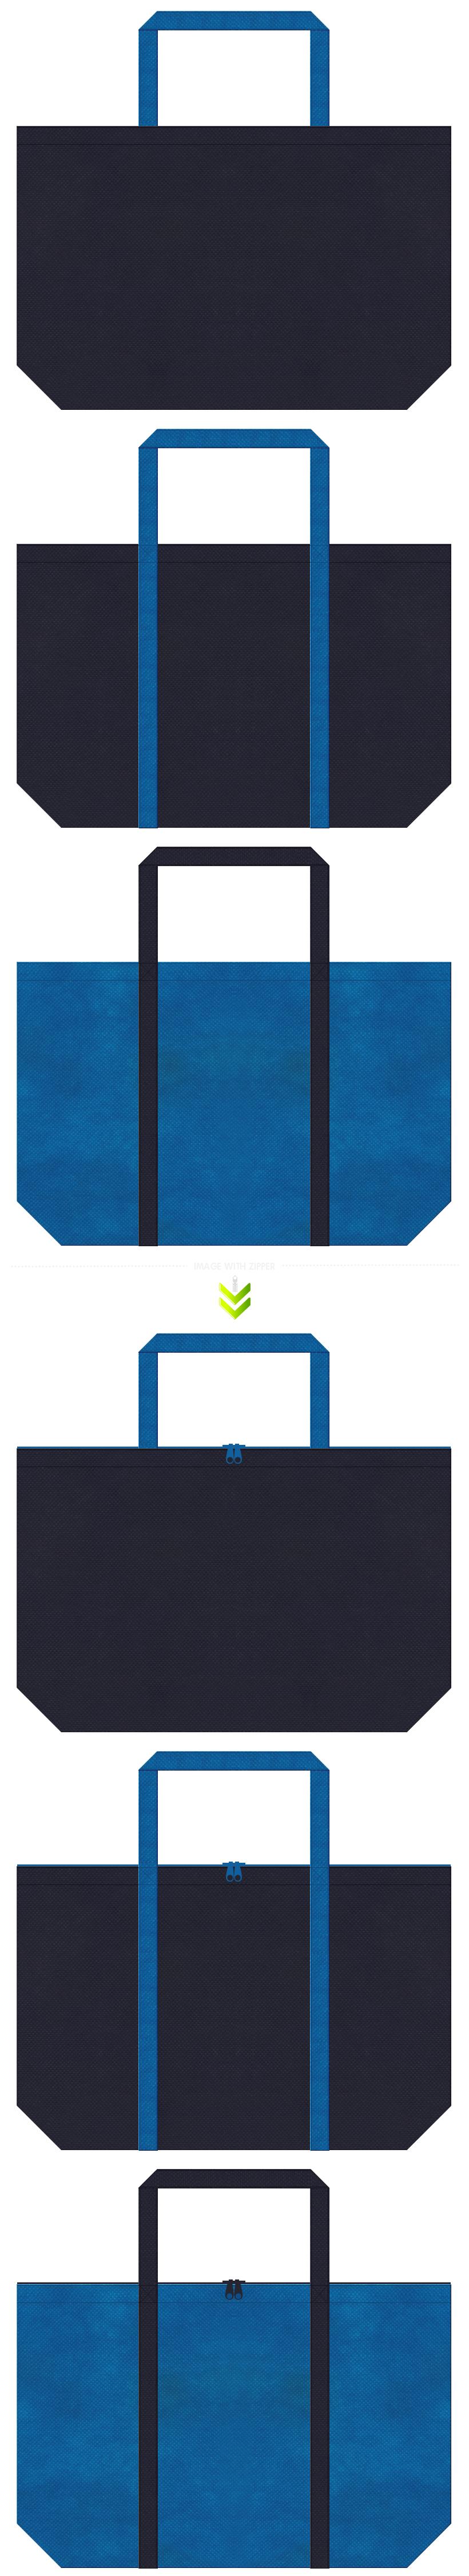 濃紺色と青色の不織布エコバッグのデザイン。ランドリーバッグやアクアリウム・海底探検イベントのノベルティにお奨めです。